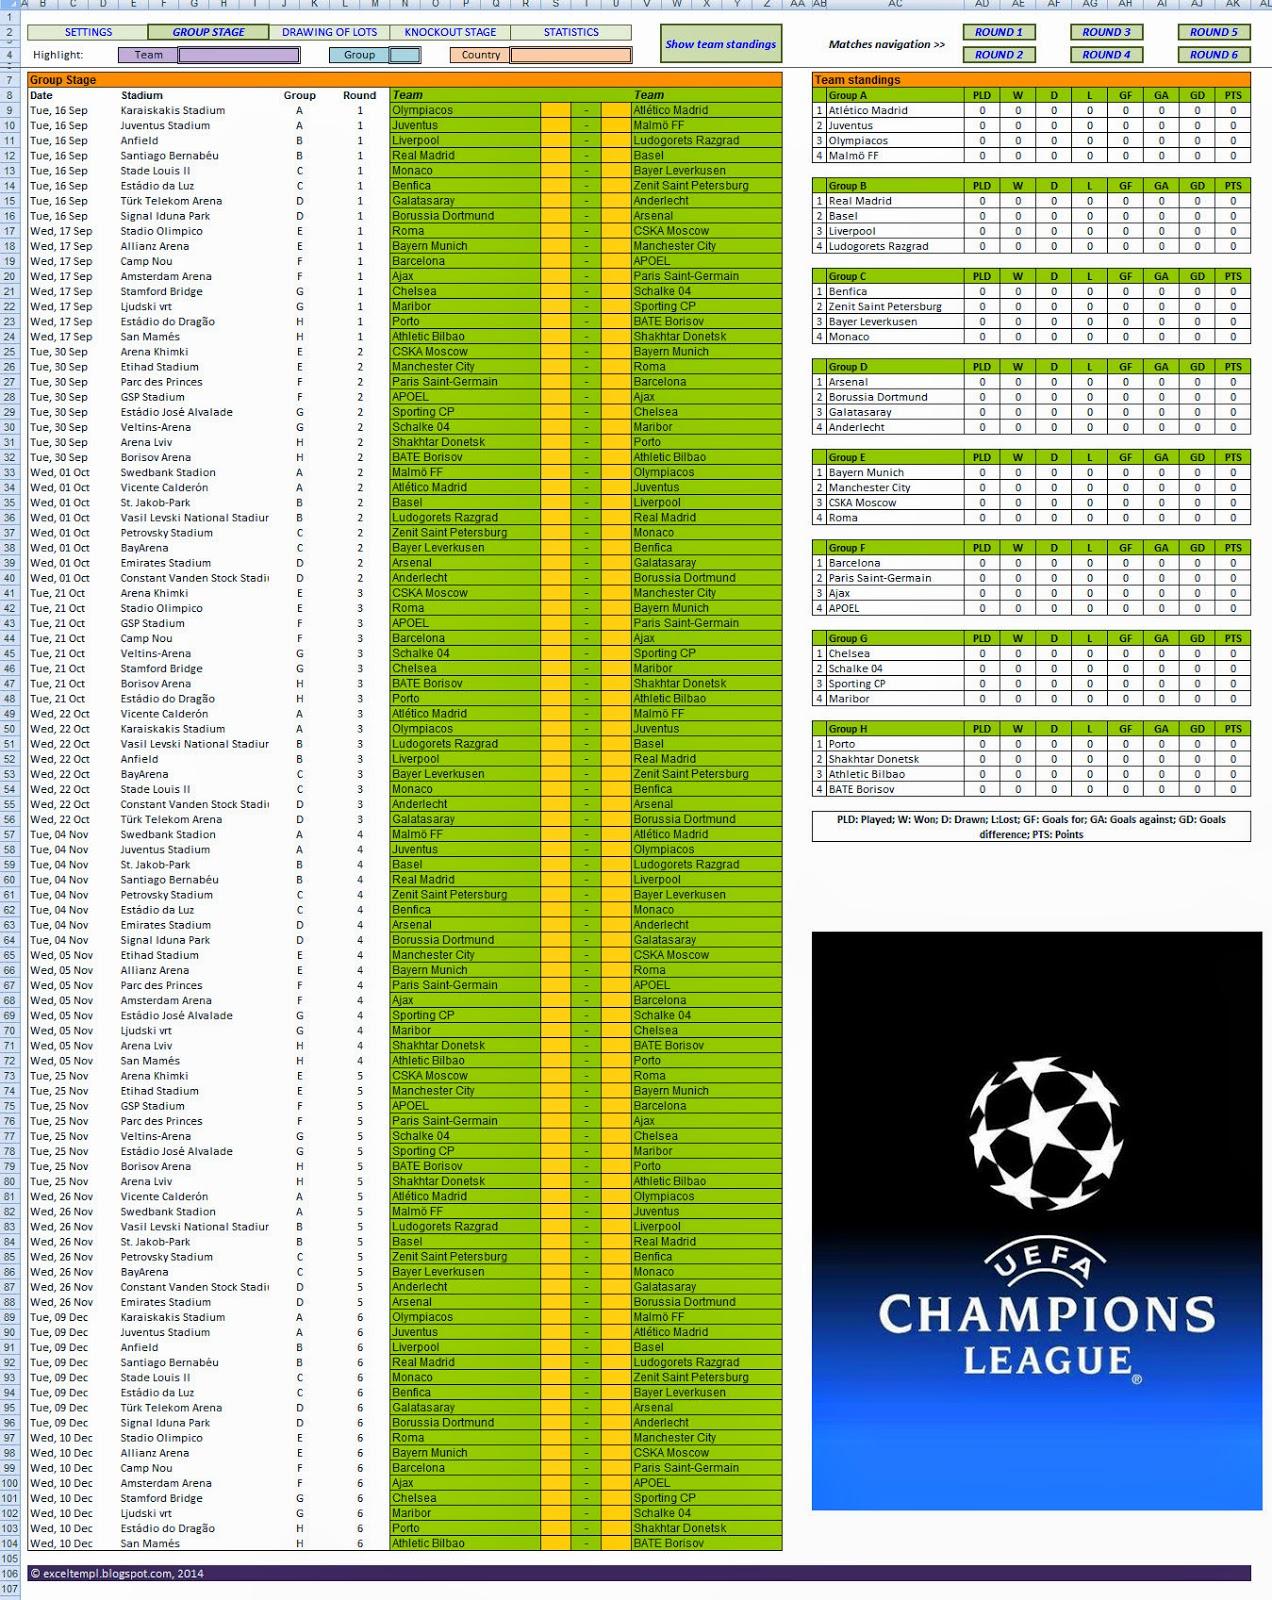 Excel Templates: 2014-15 UEFA Champions League schedule ...